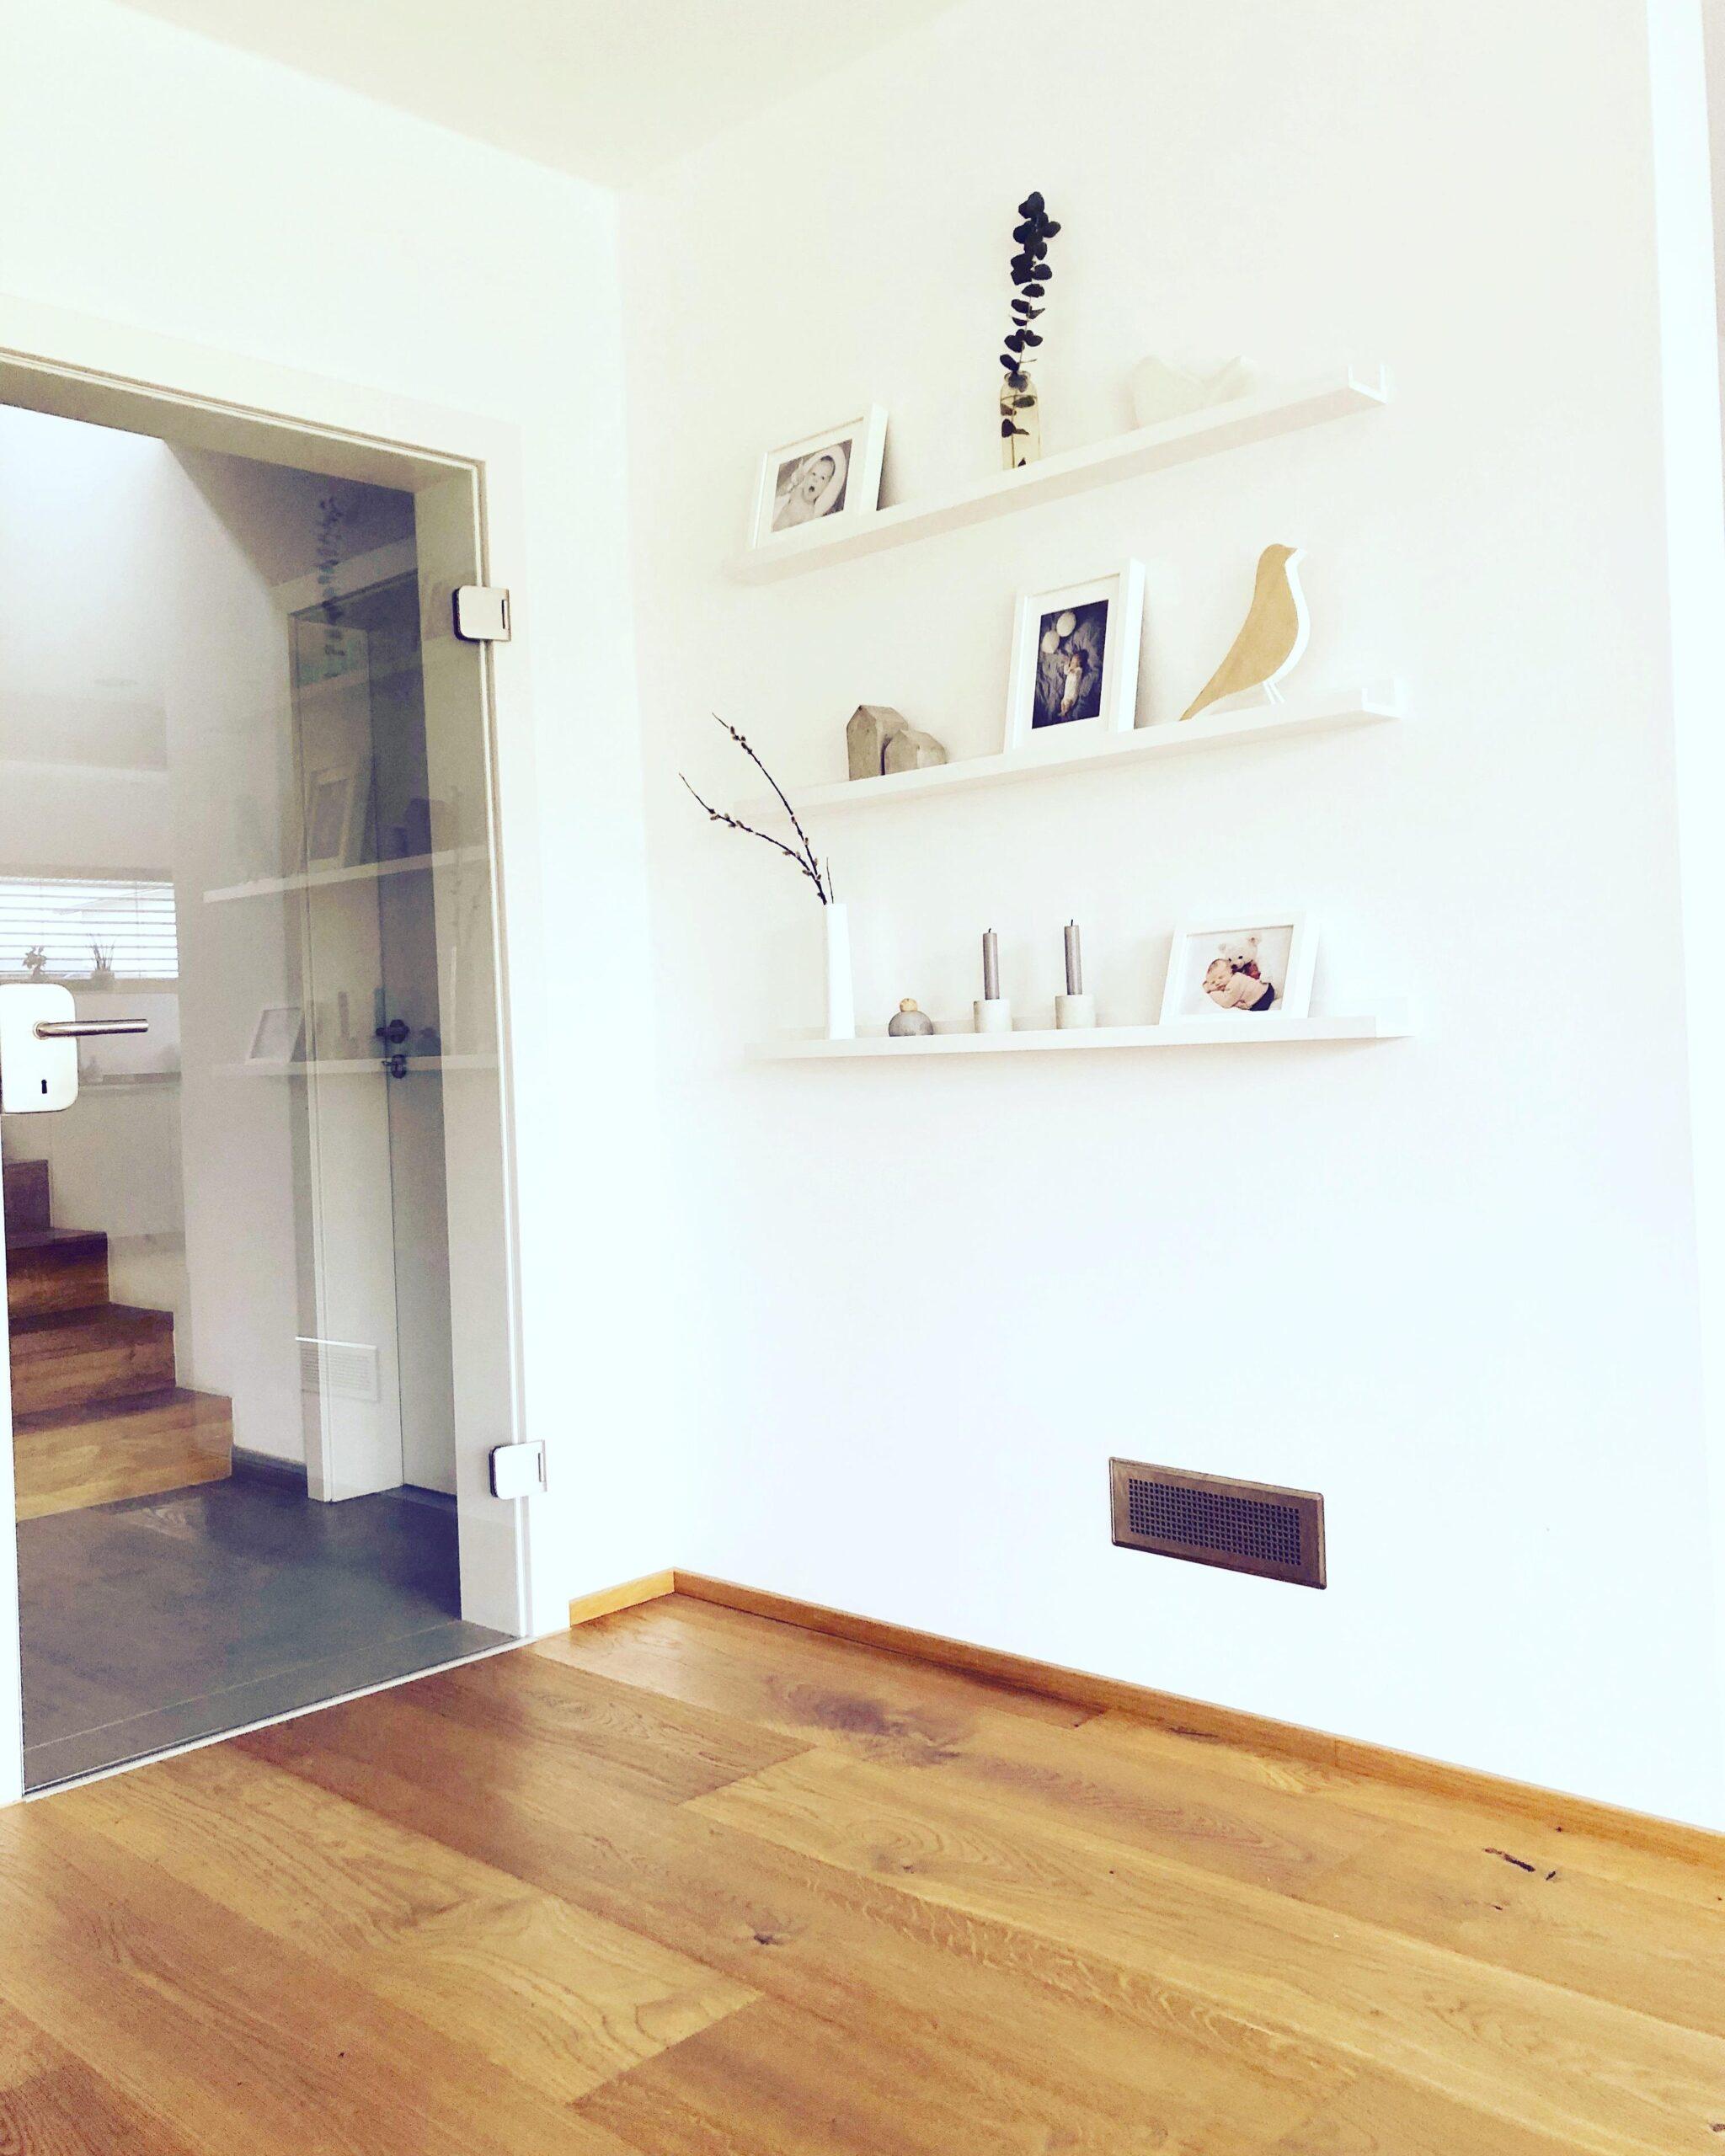 Full Size of Wanddeko Wohnzimmer Bilder Modern Ideen Ebay Holz Diy Metall Silber Bilderleiste Couch Sofa Kleines Deko Hängeleuchte Hängeschrank Weiß Hochglanz Decken Wohnzimmer Wanddeko Wohnzimmer